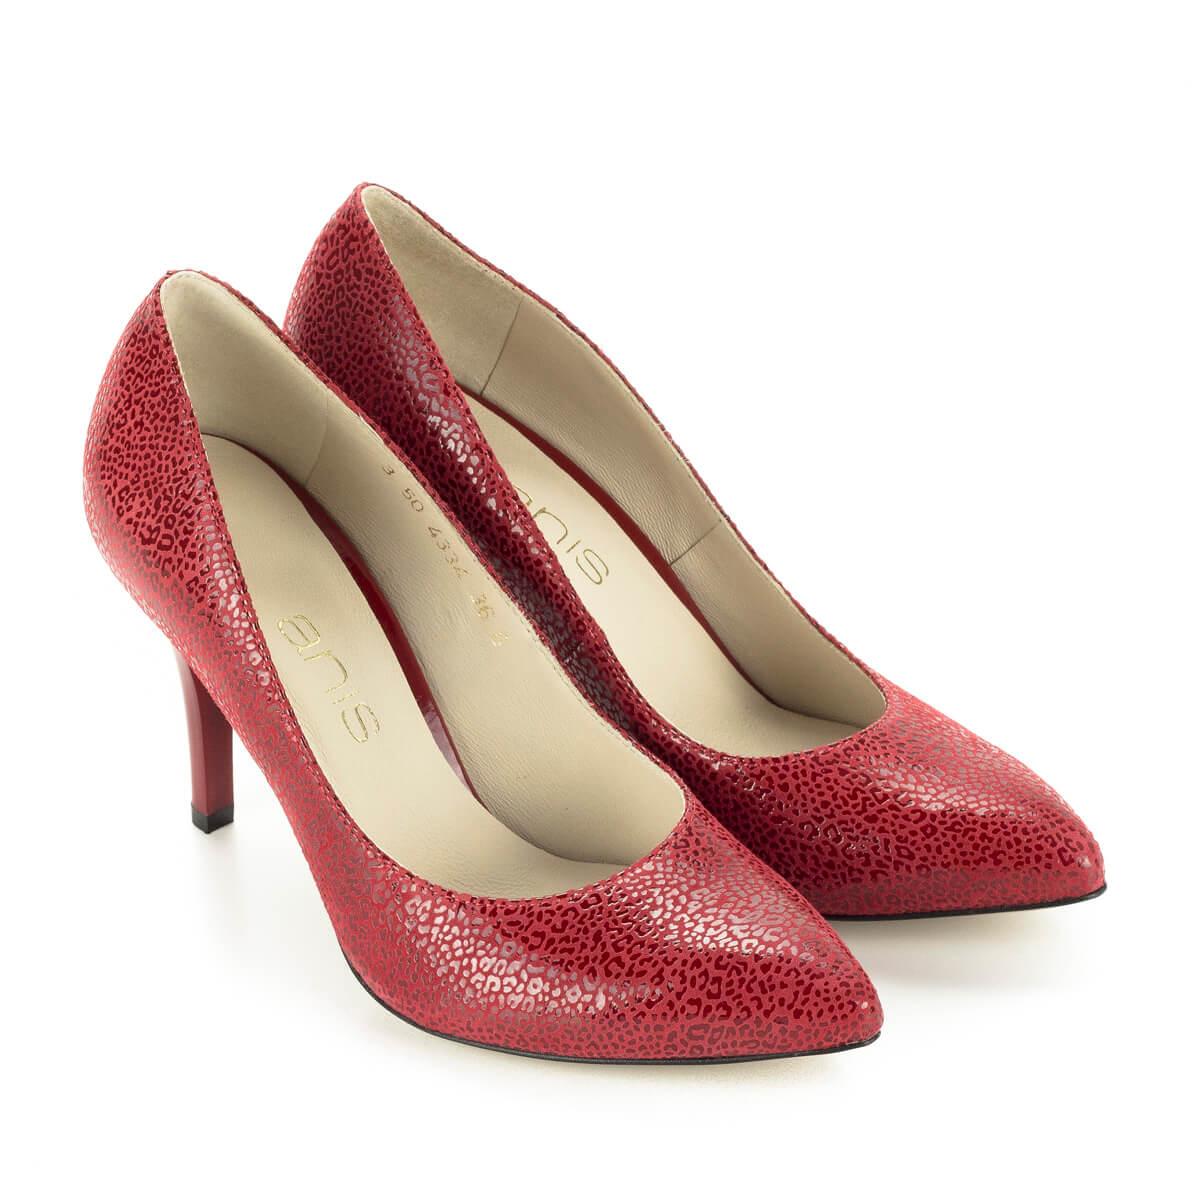 ... Anis alkalmi cipő piros színben 9 cm magas sarokkal 21dc5c6403